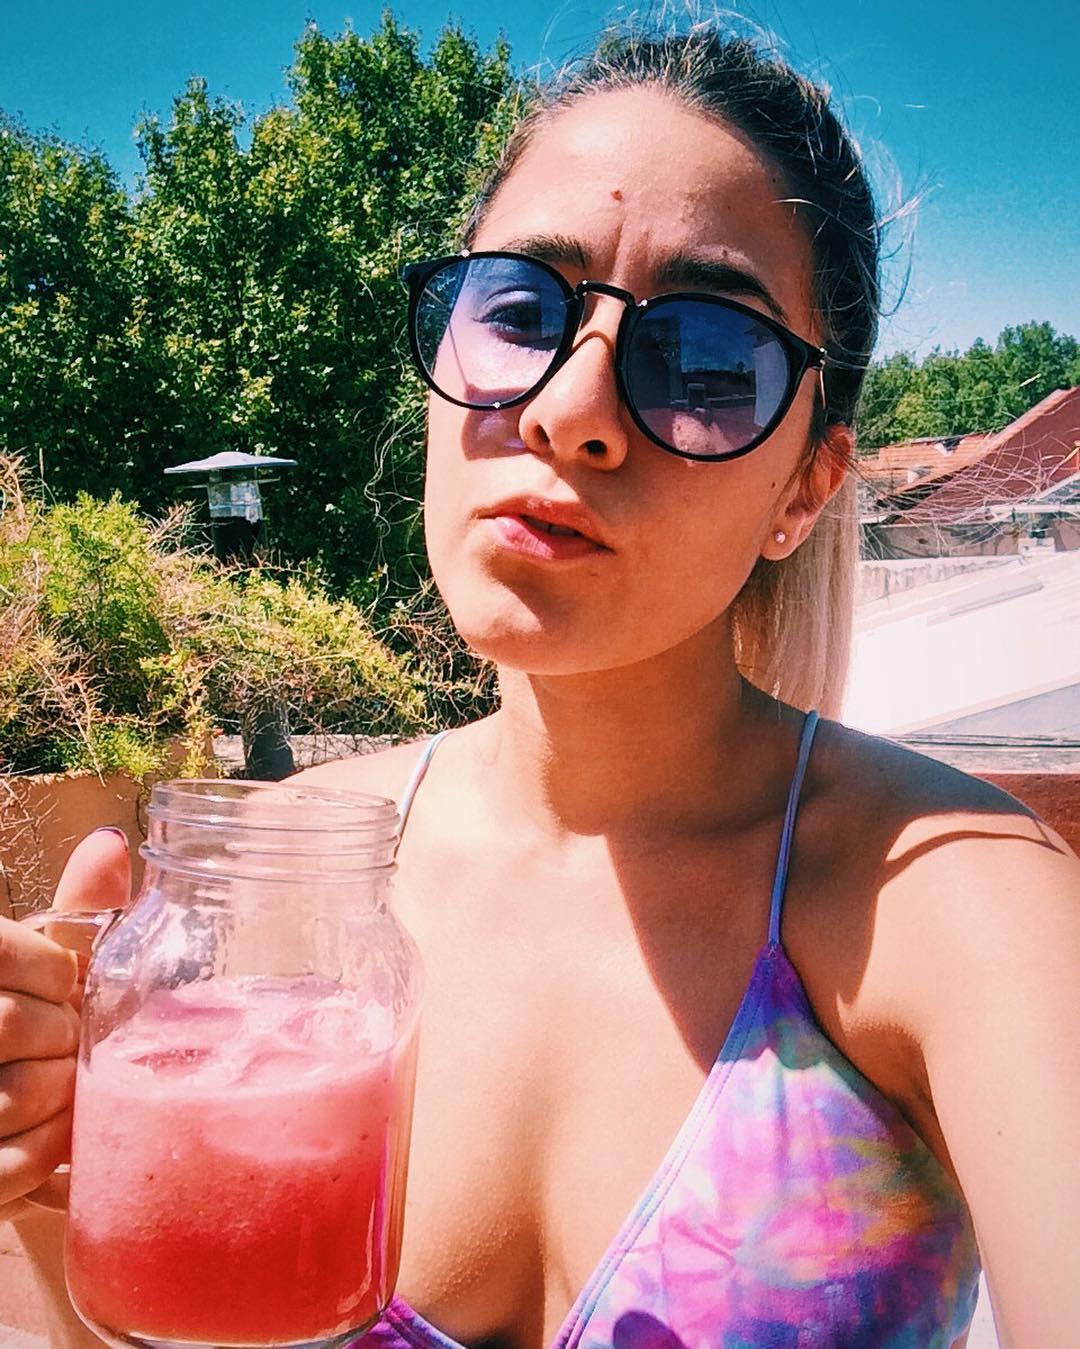 Esto es estudiar una materia de verano en verano bikini, textos y algo fresco, jugo de sandia